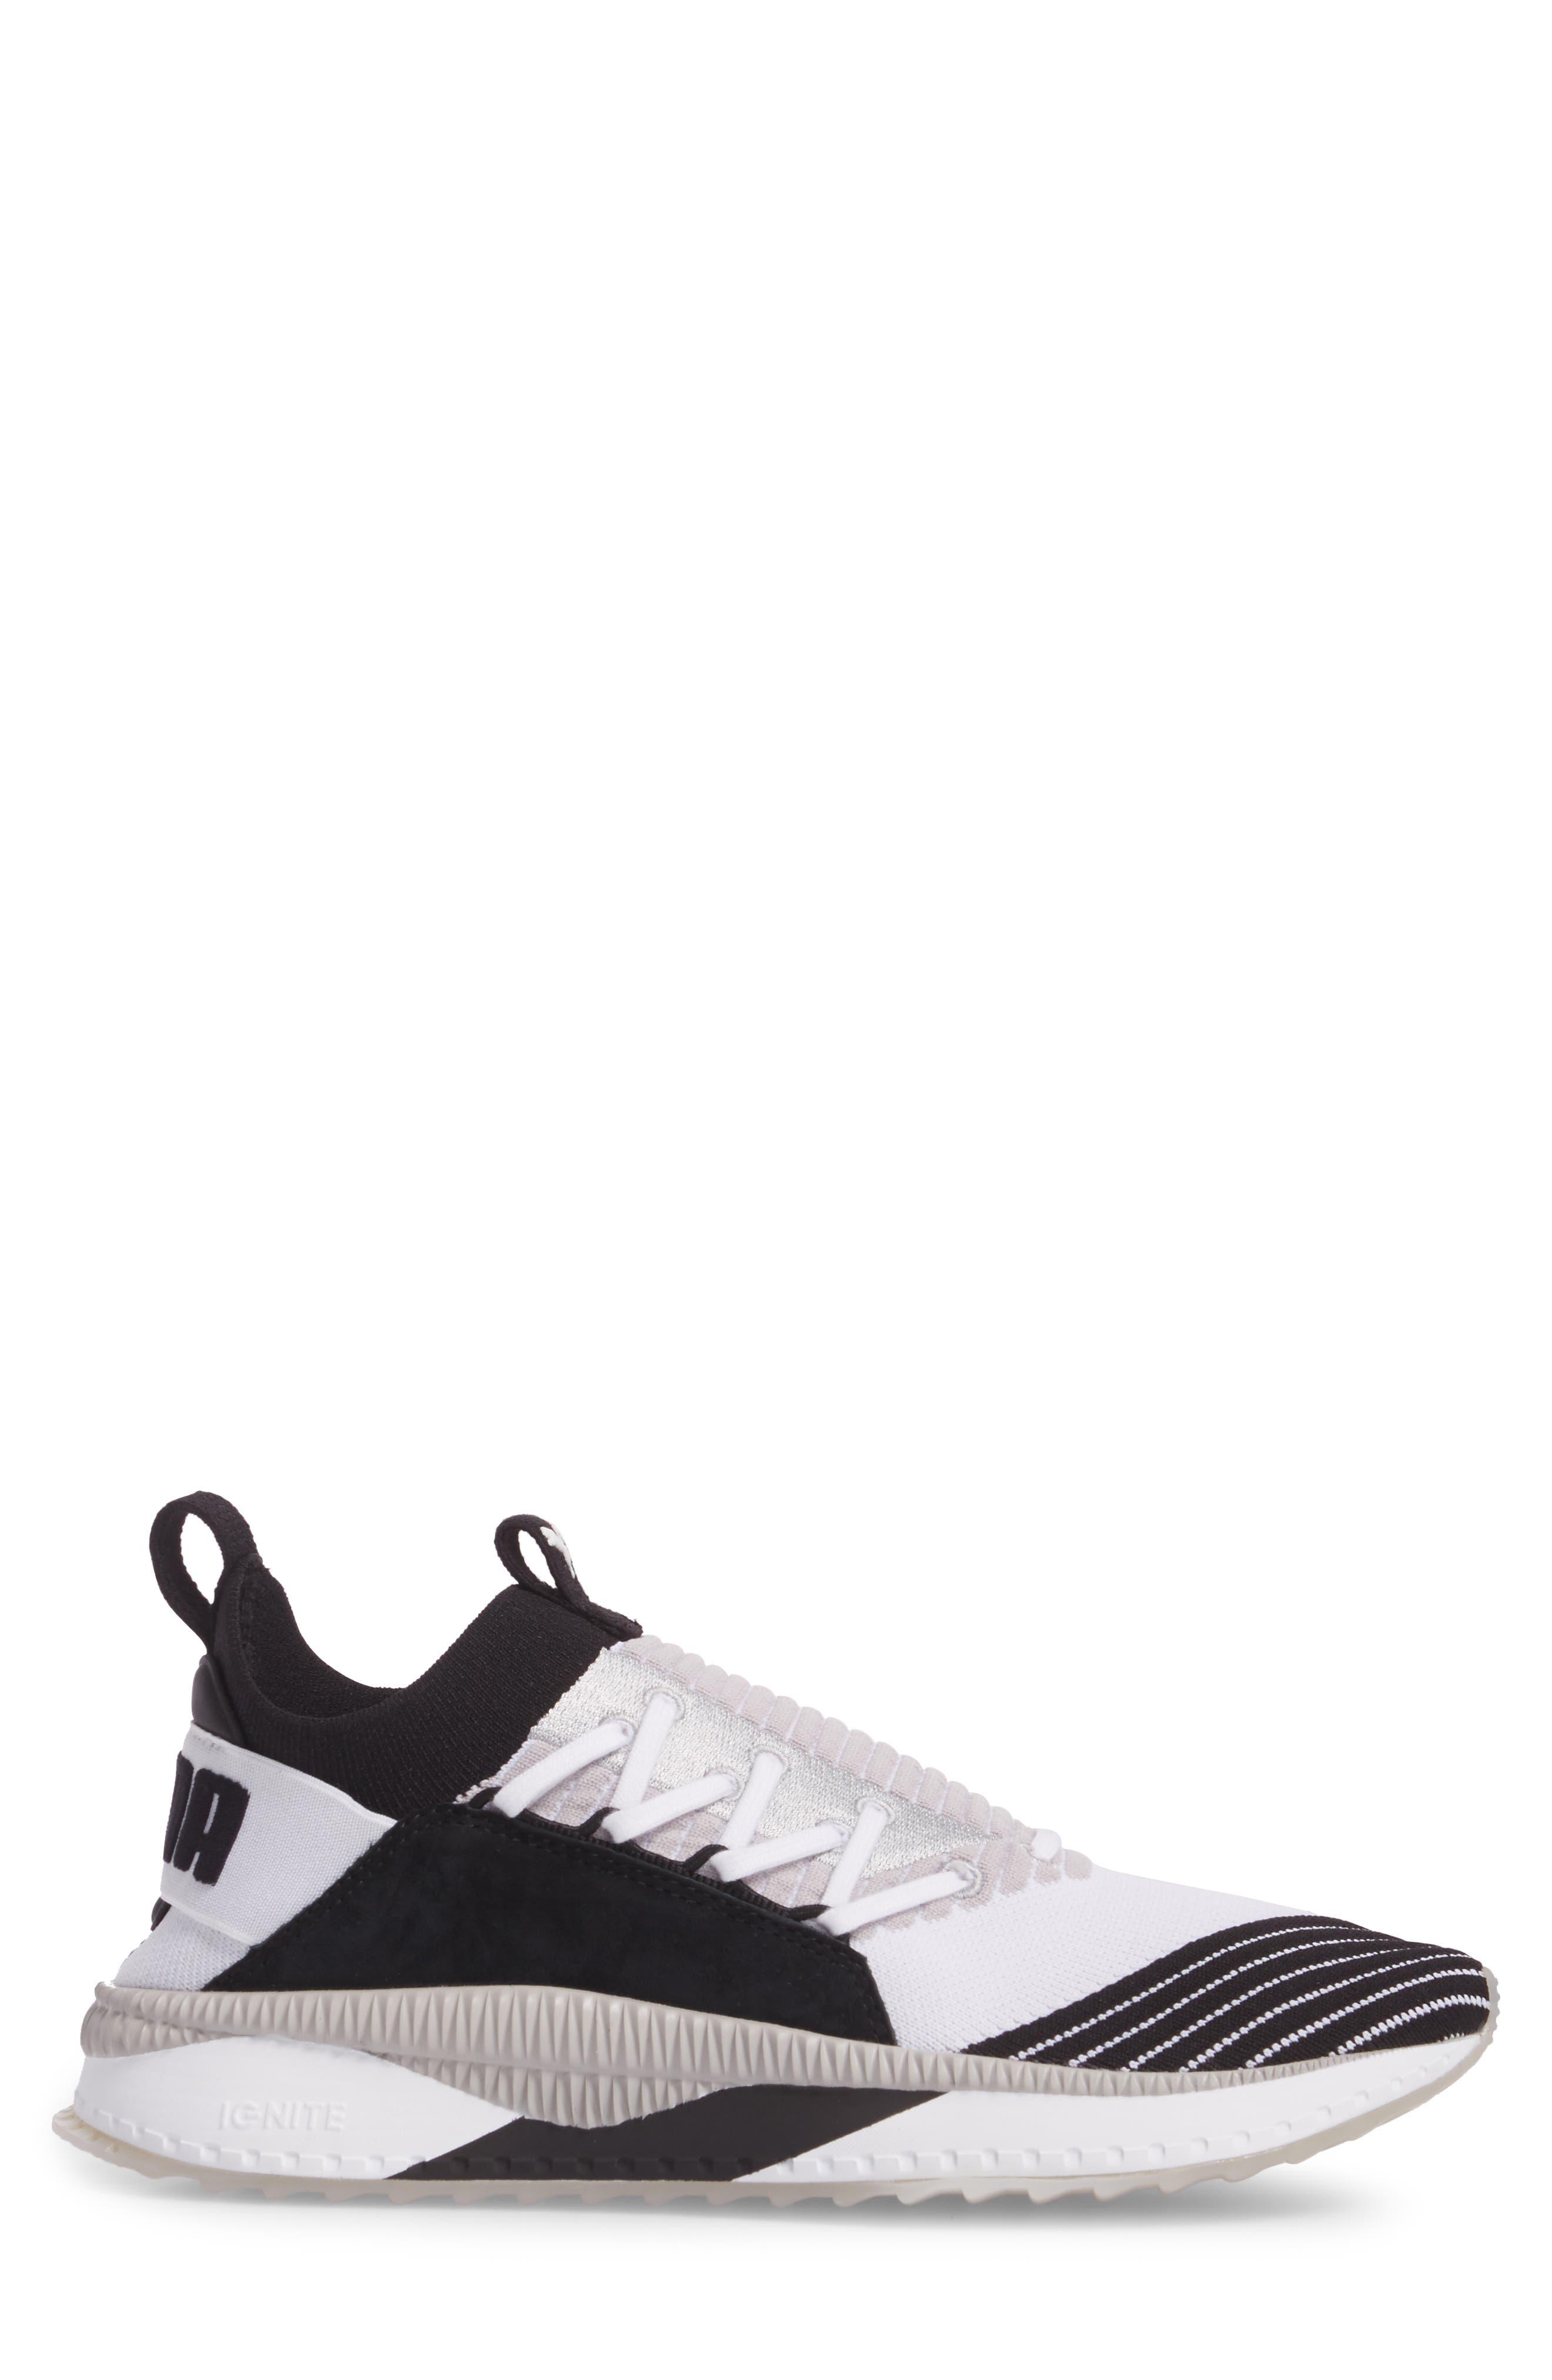 Tsugi Shinsei UT Odyssey Sneaker,                             Alternate thumbnail 6, color,